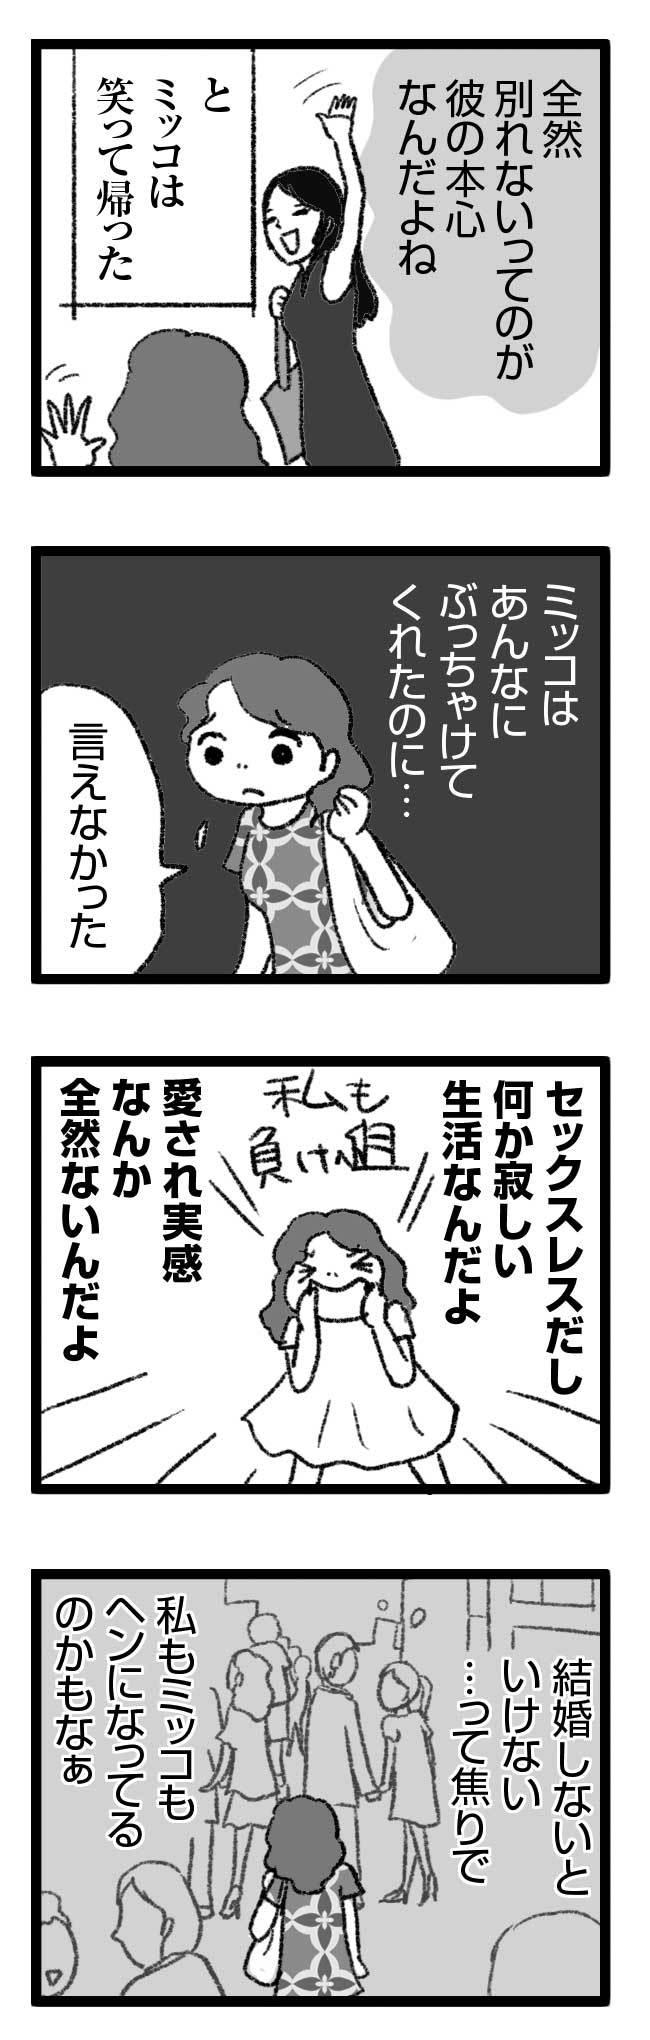 239 不倫と負け婚6_3 婚活 恋活 不倫 元彼 職場 ふりん まんが 漫画 マンガ